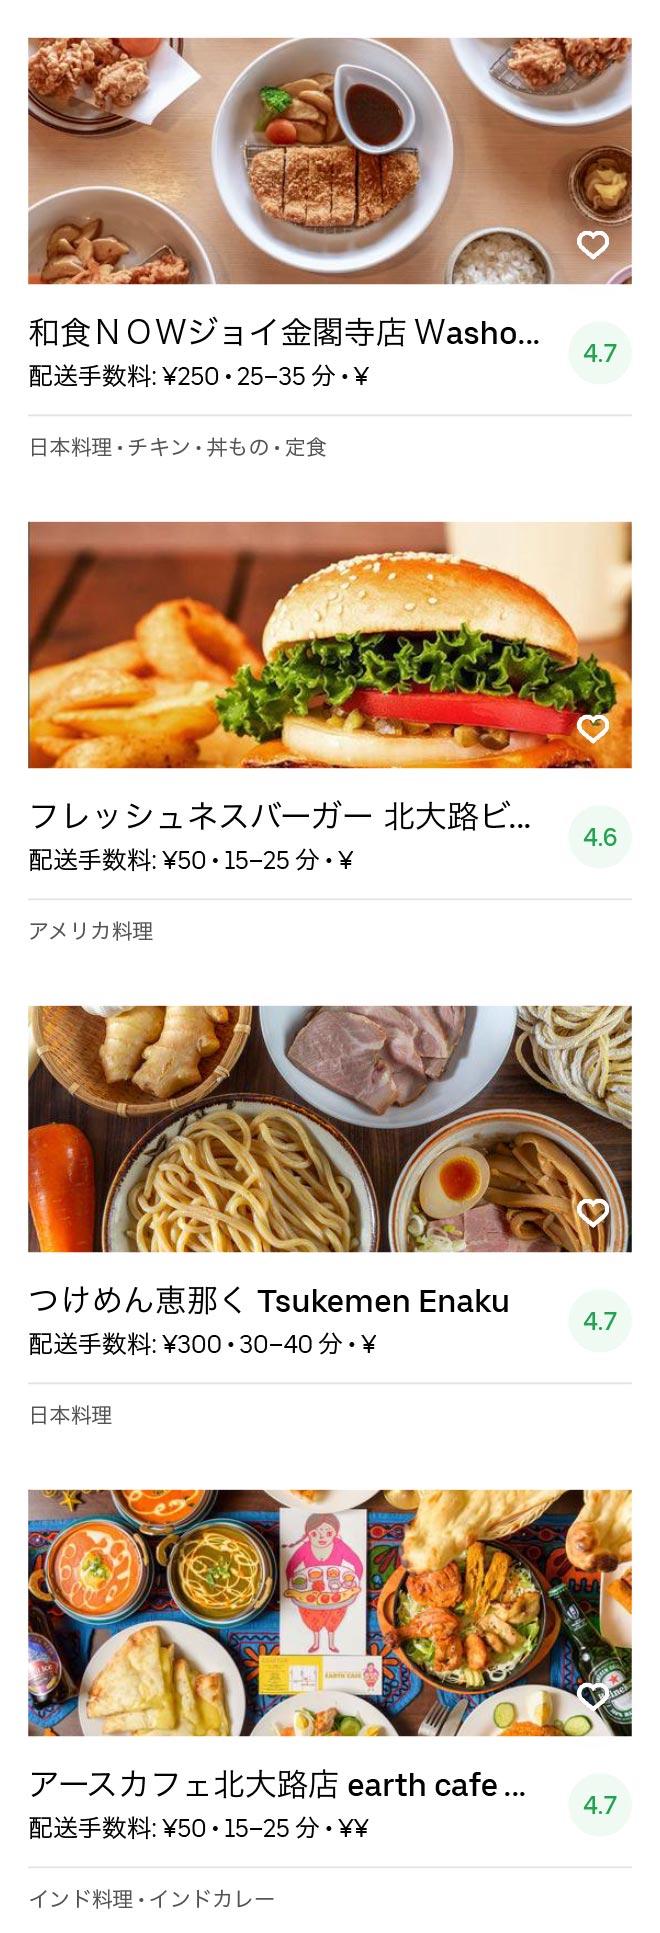 Kyoto kitaoji menu 2005 02